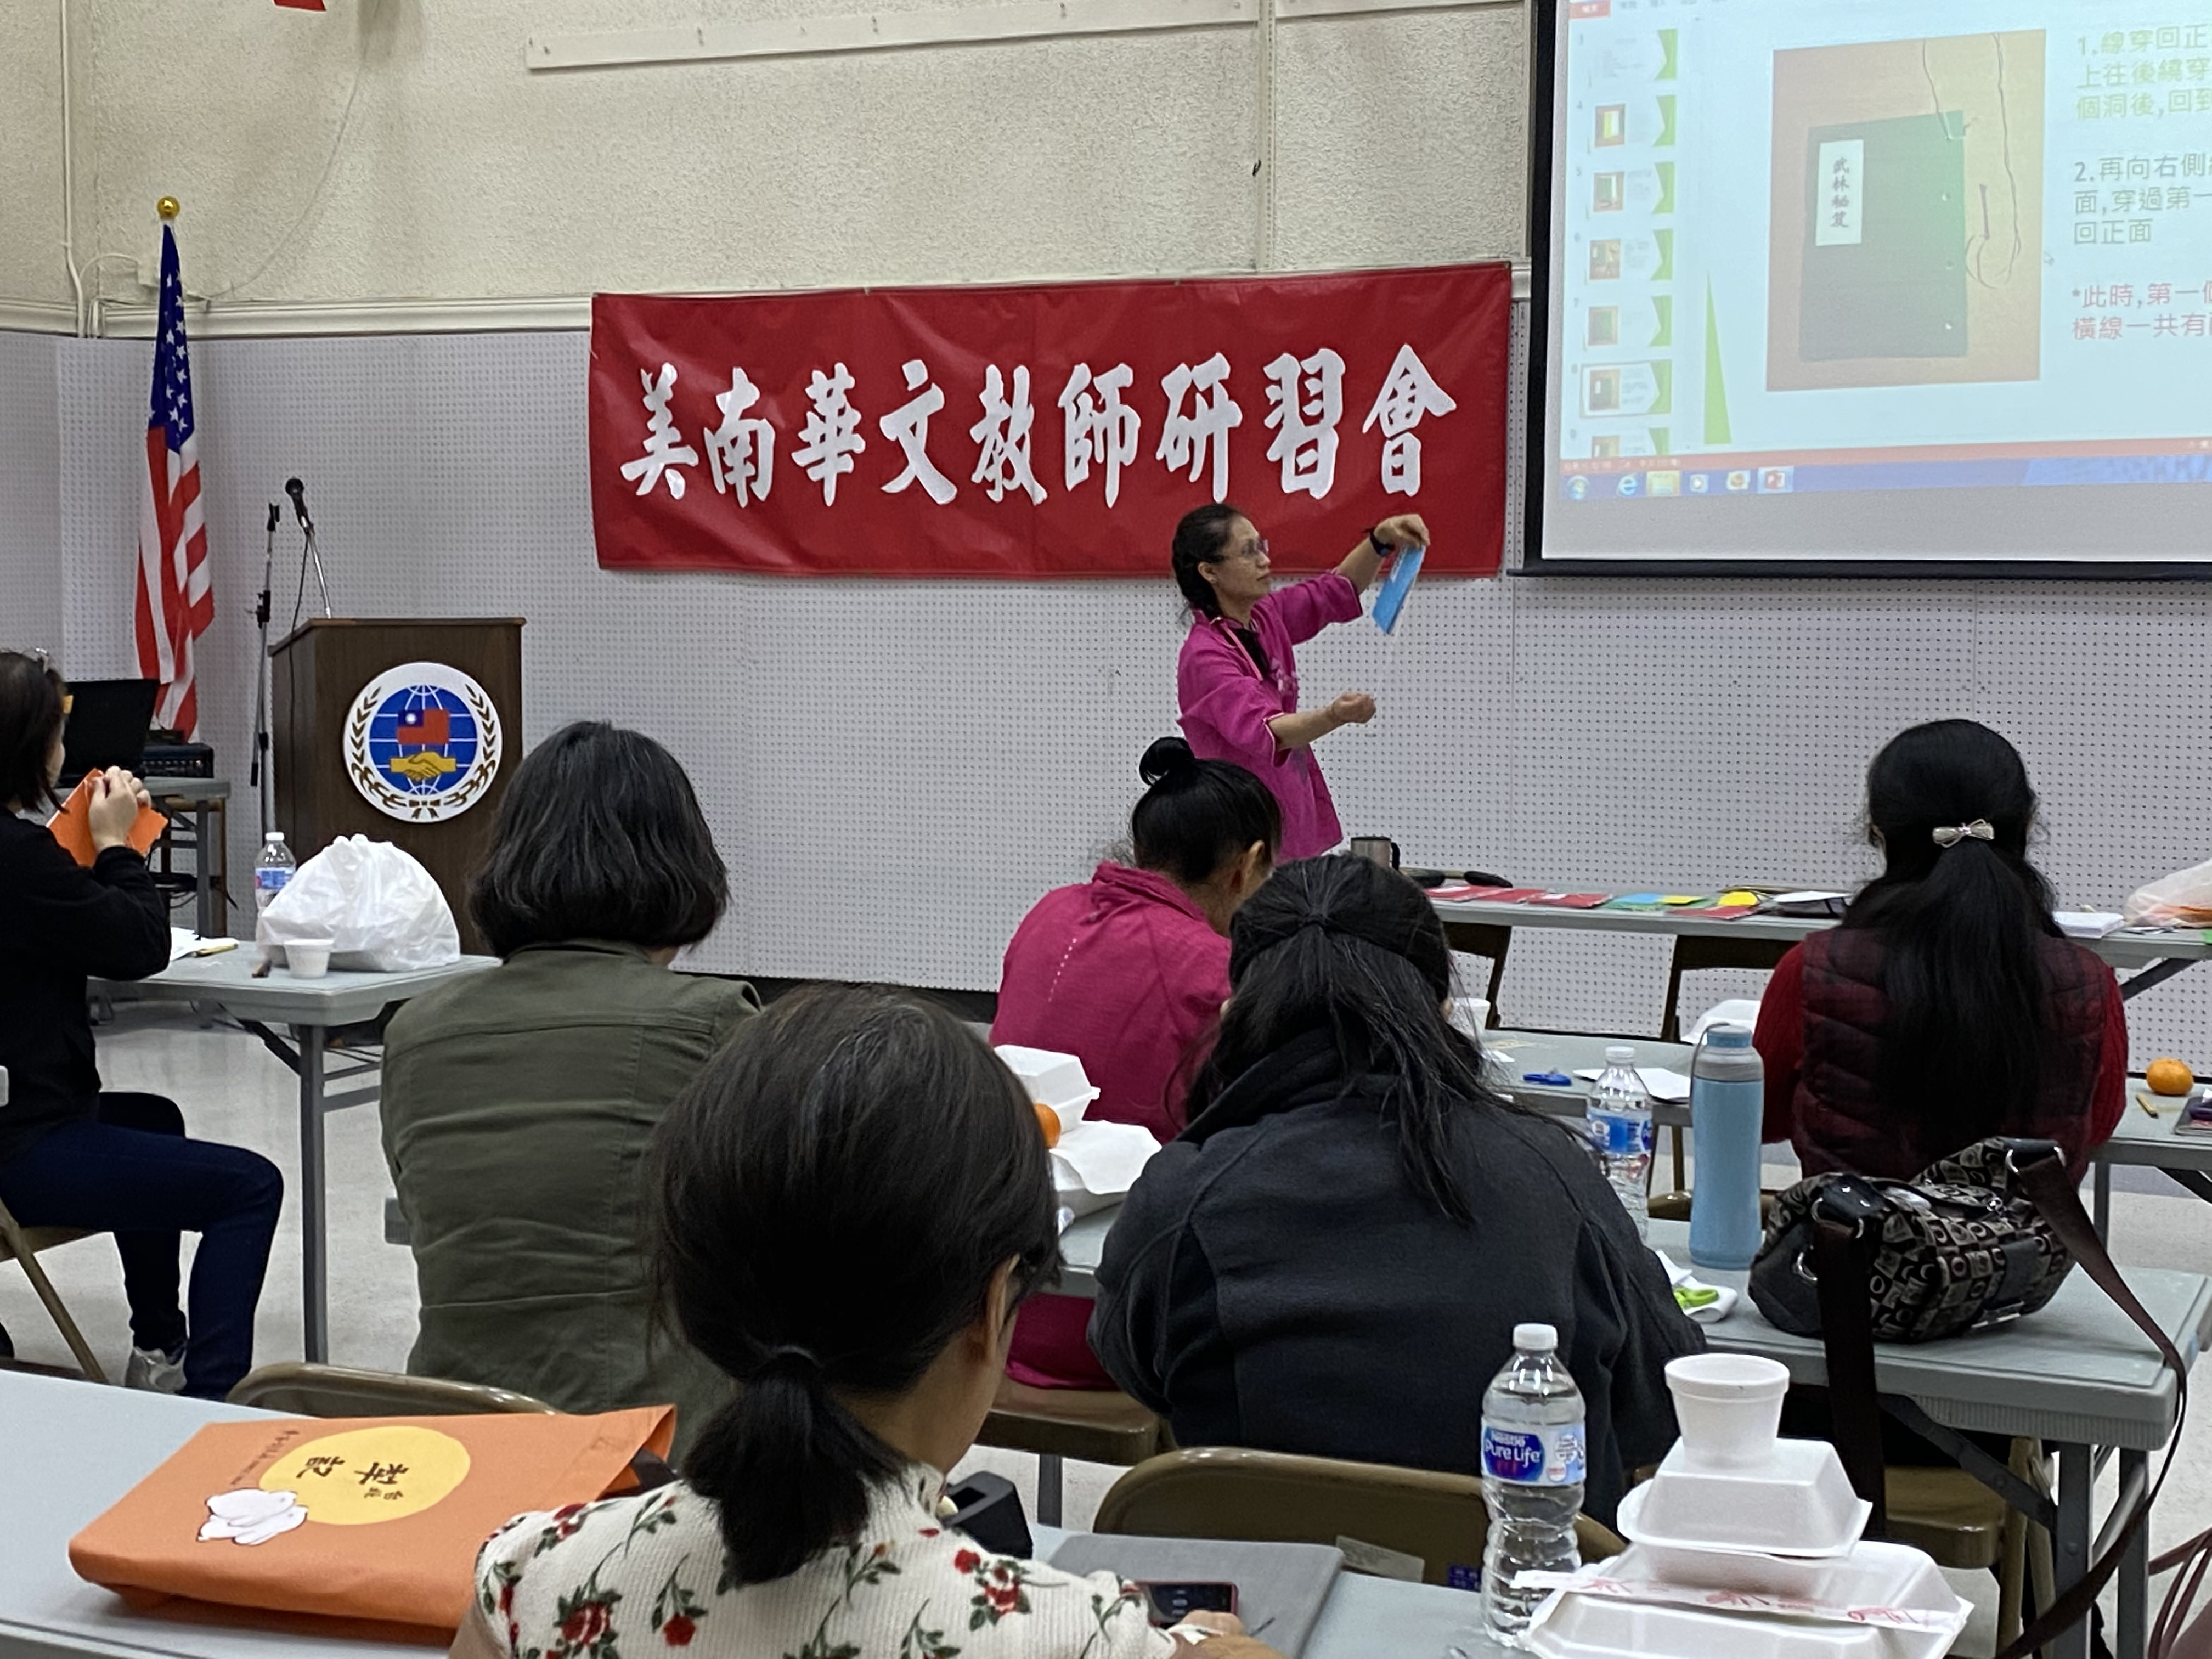 戴壽美介紹線裝書的製作及紙藝文化情形。(文教中心提供)